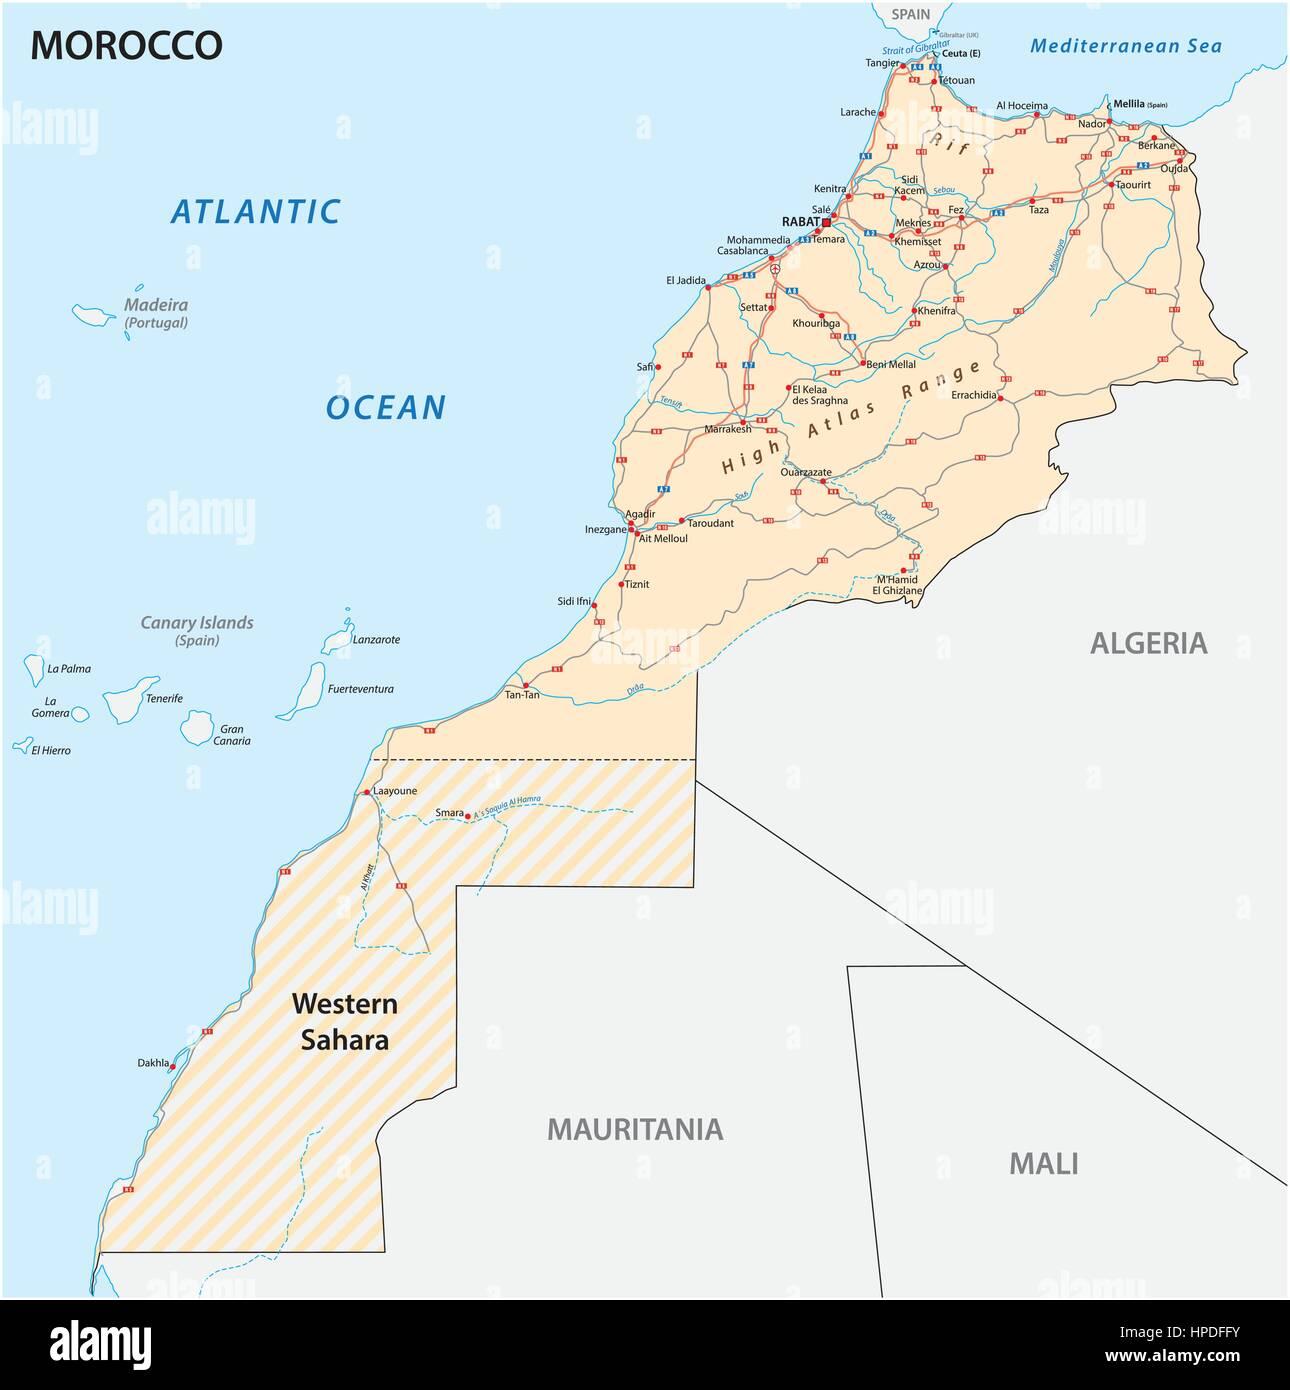 Mapa De Carreteras Del Reino De Marruecos Eps Ilustracion Del